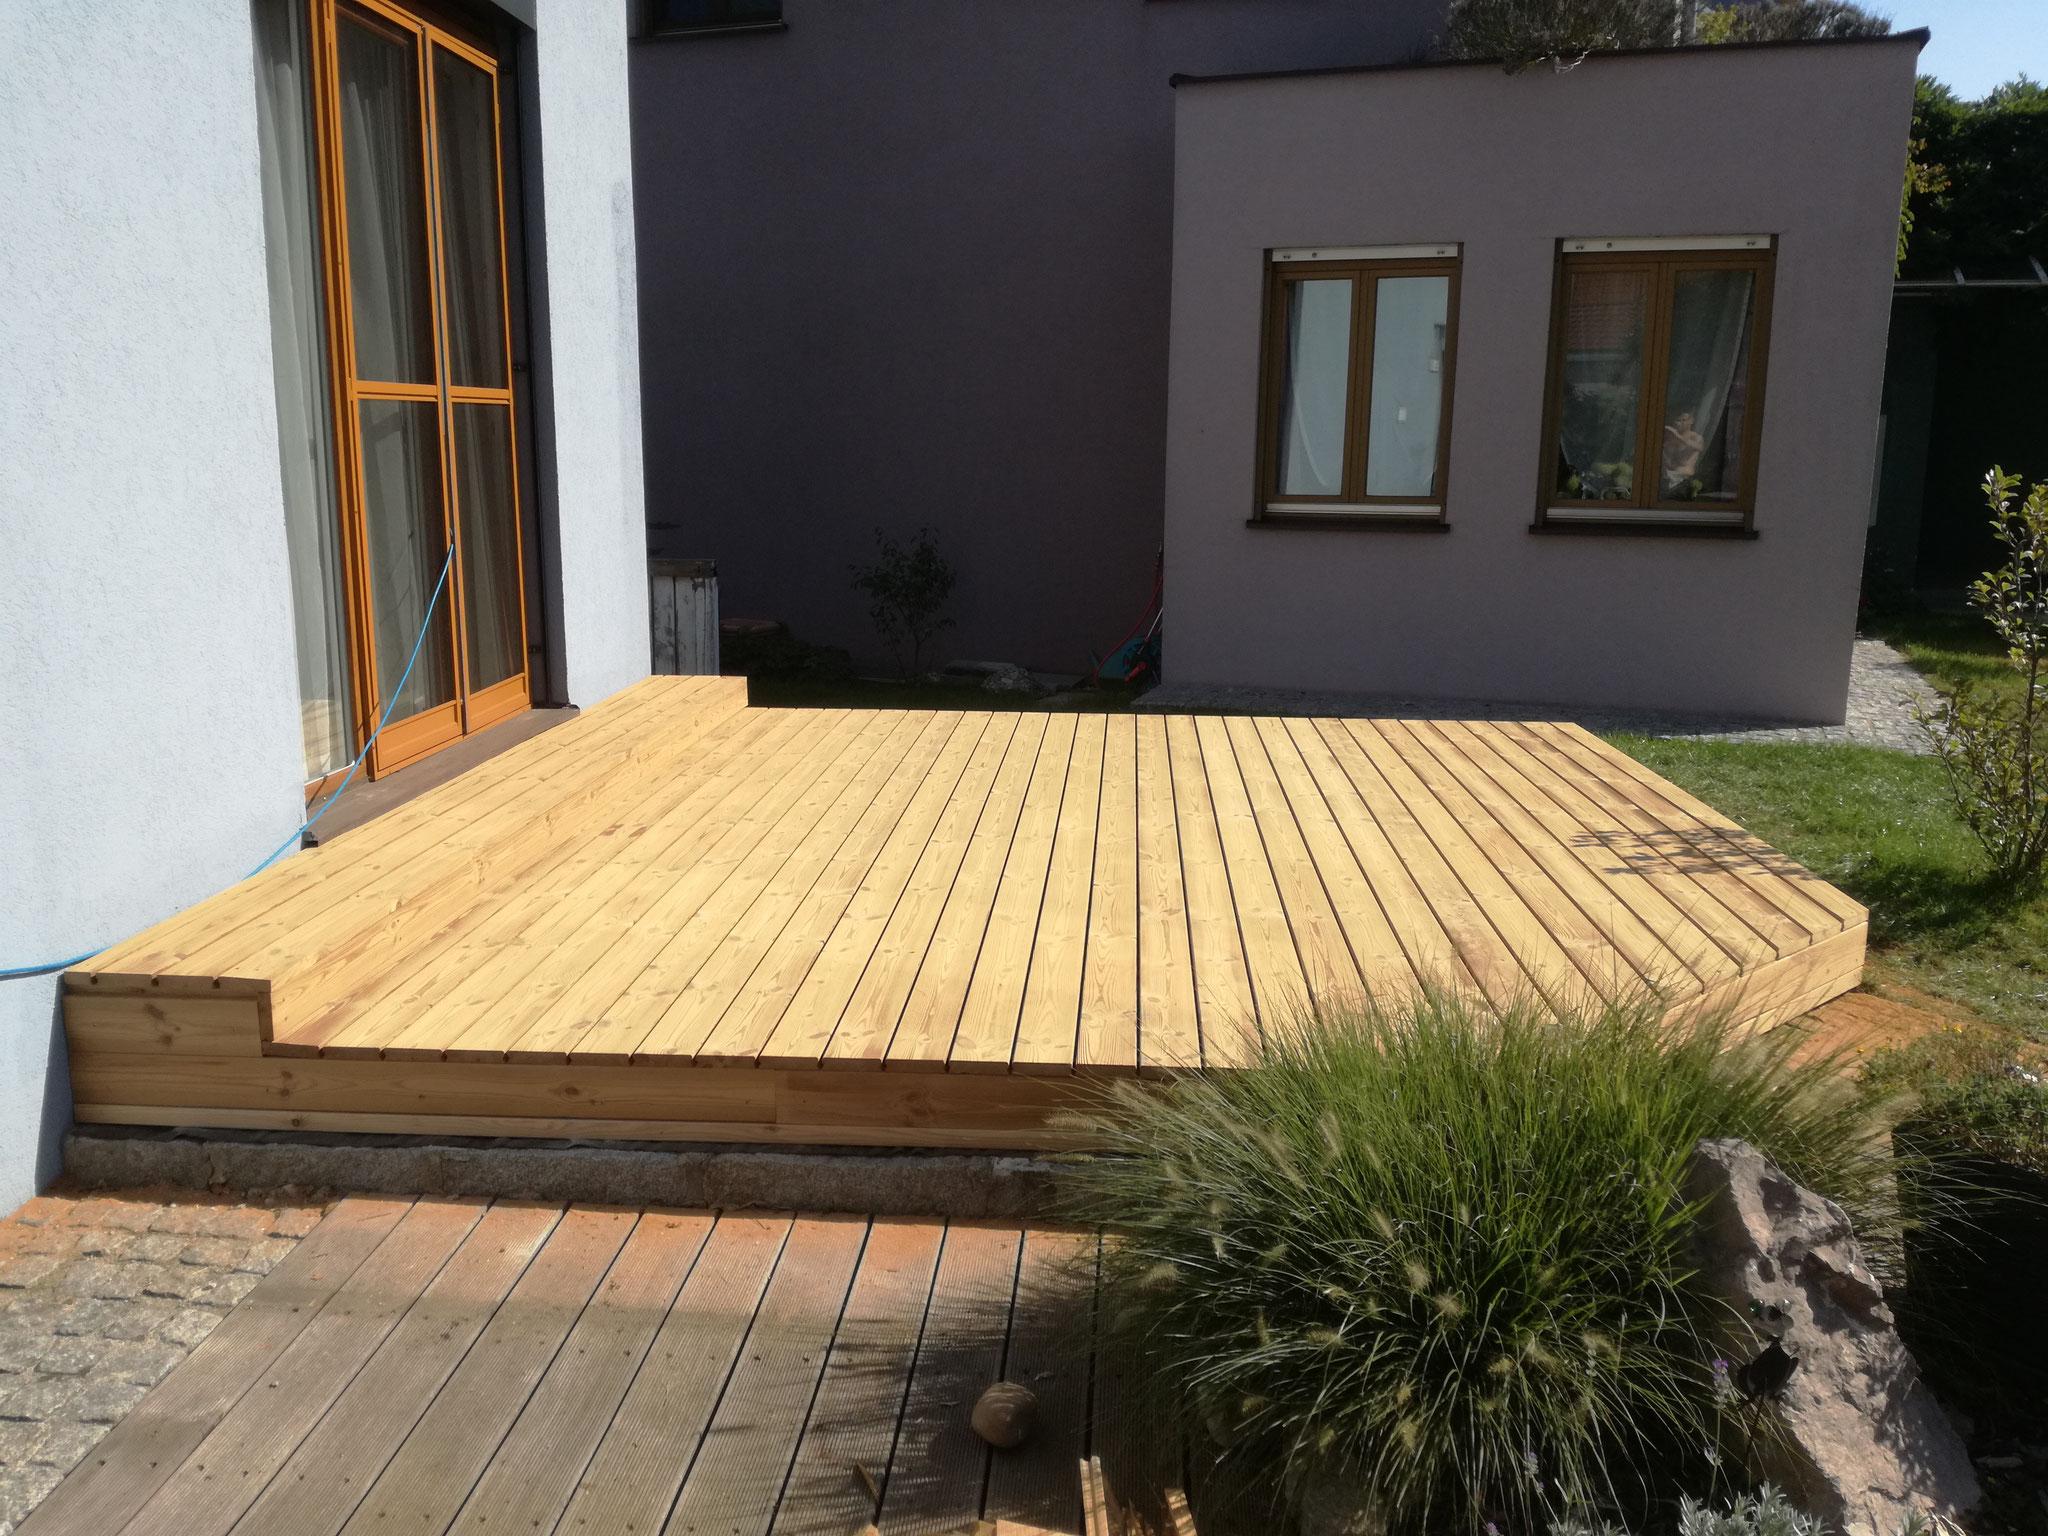 Terrasse mit Thermo-Kiefer Dielen